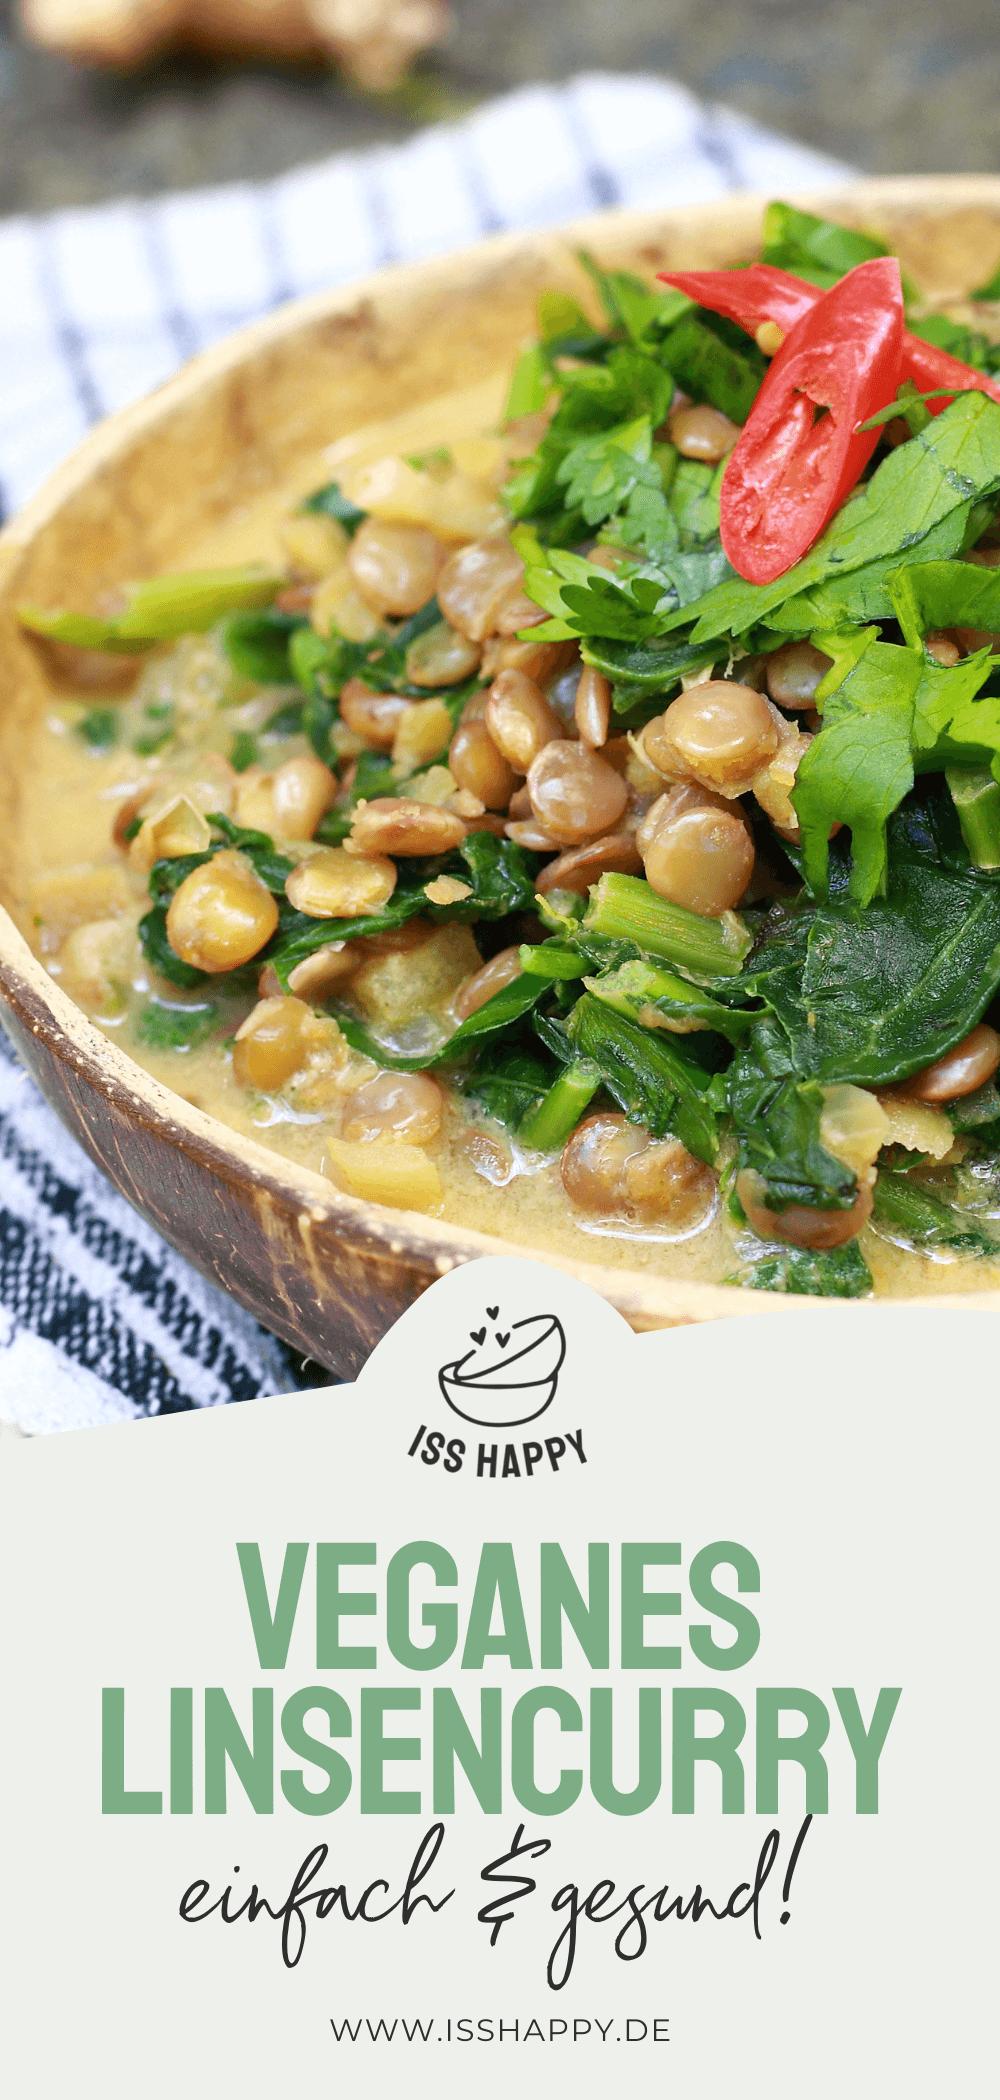 Leckeres veganes Linsencurry mit Grünkohl - einfach & gesund